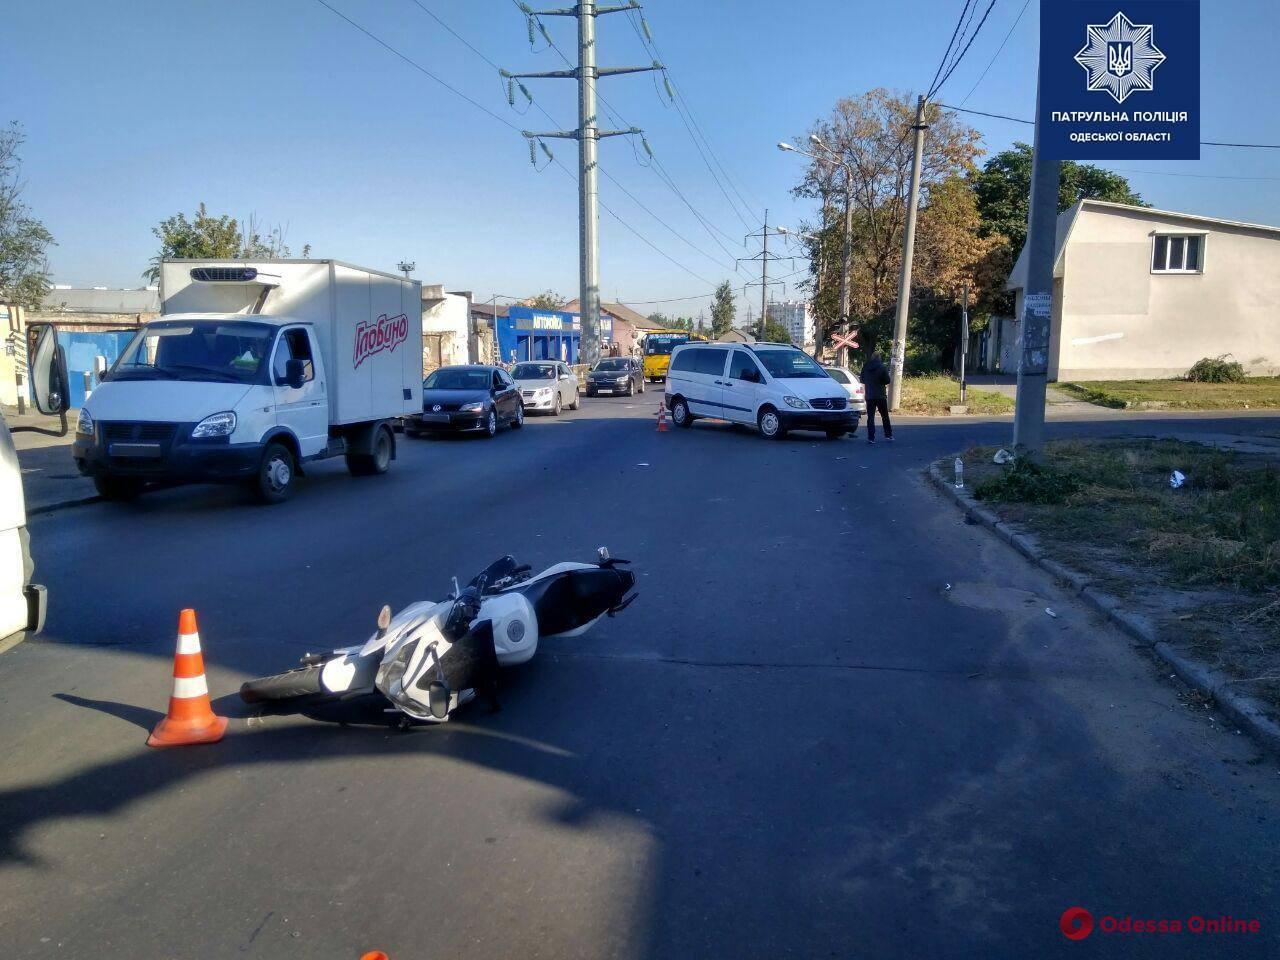 На Бугаевской столкнулись микроавтобус и мотоцикл